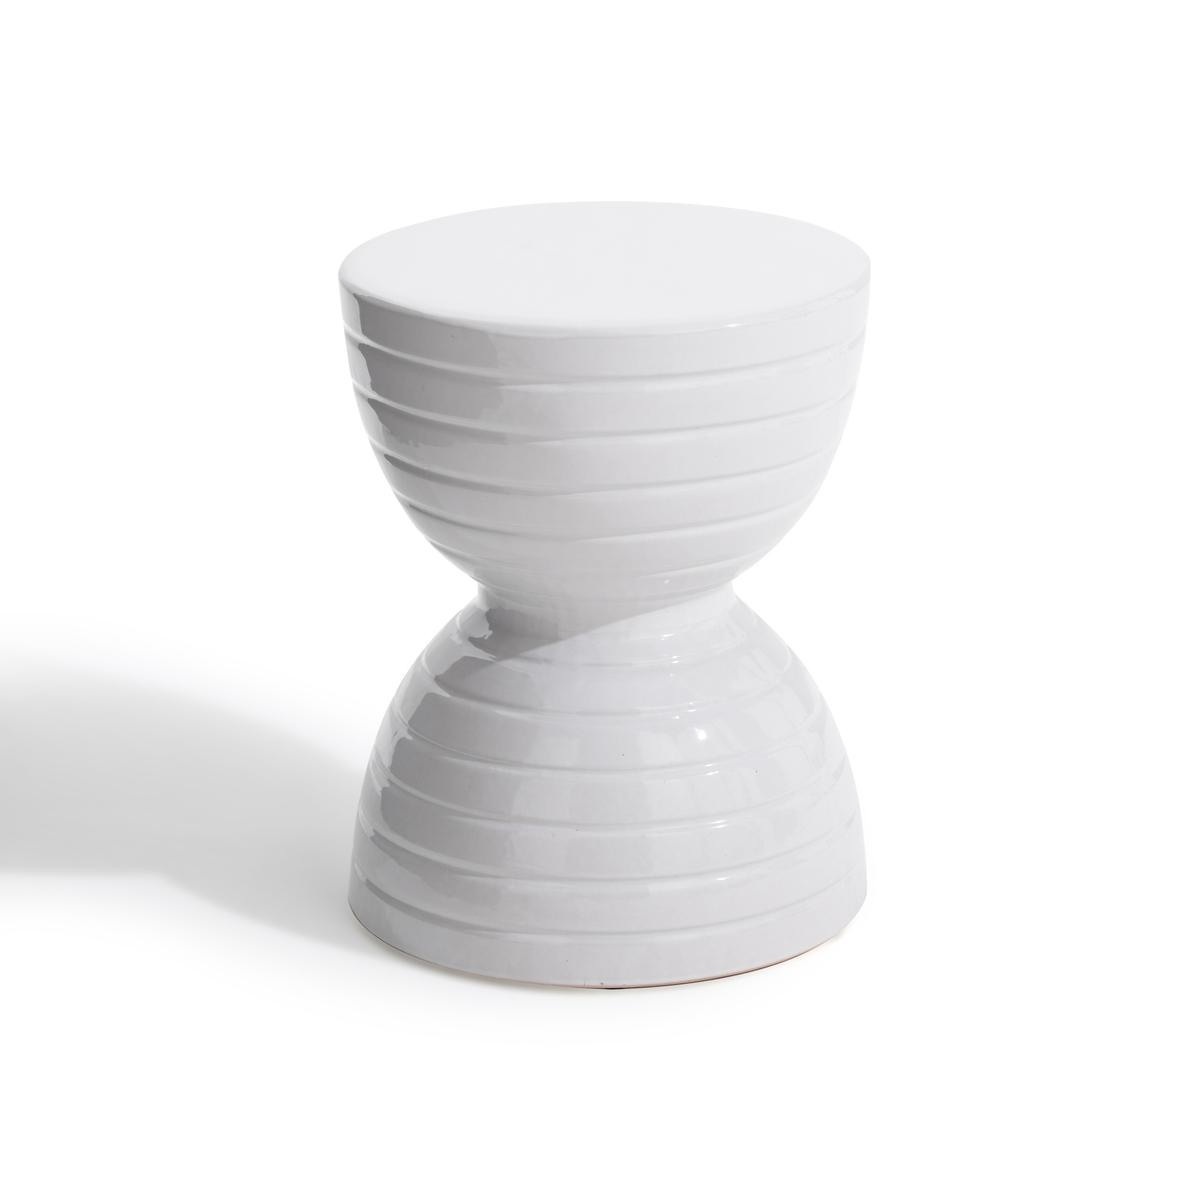 Столик La Redoute Керамический журнальный Spool единый размер белый туалетный la redoute столик clairoy единый размер каштановый